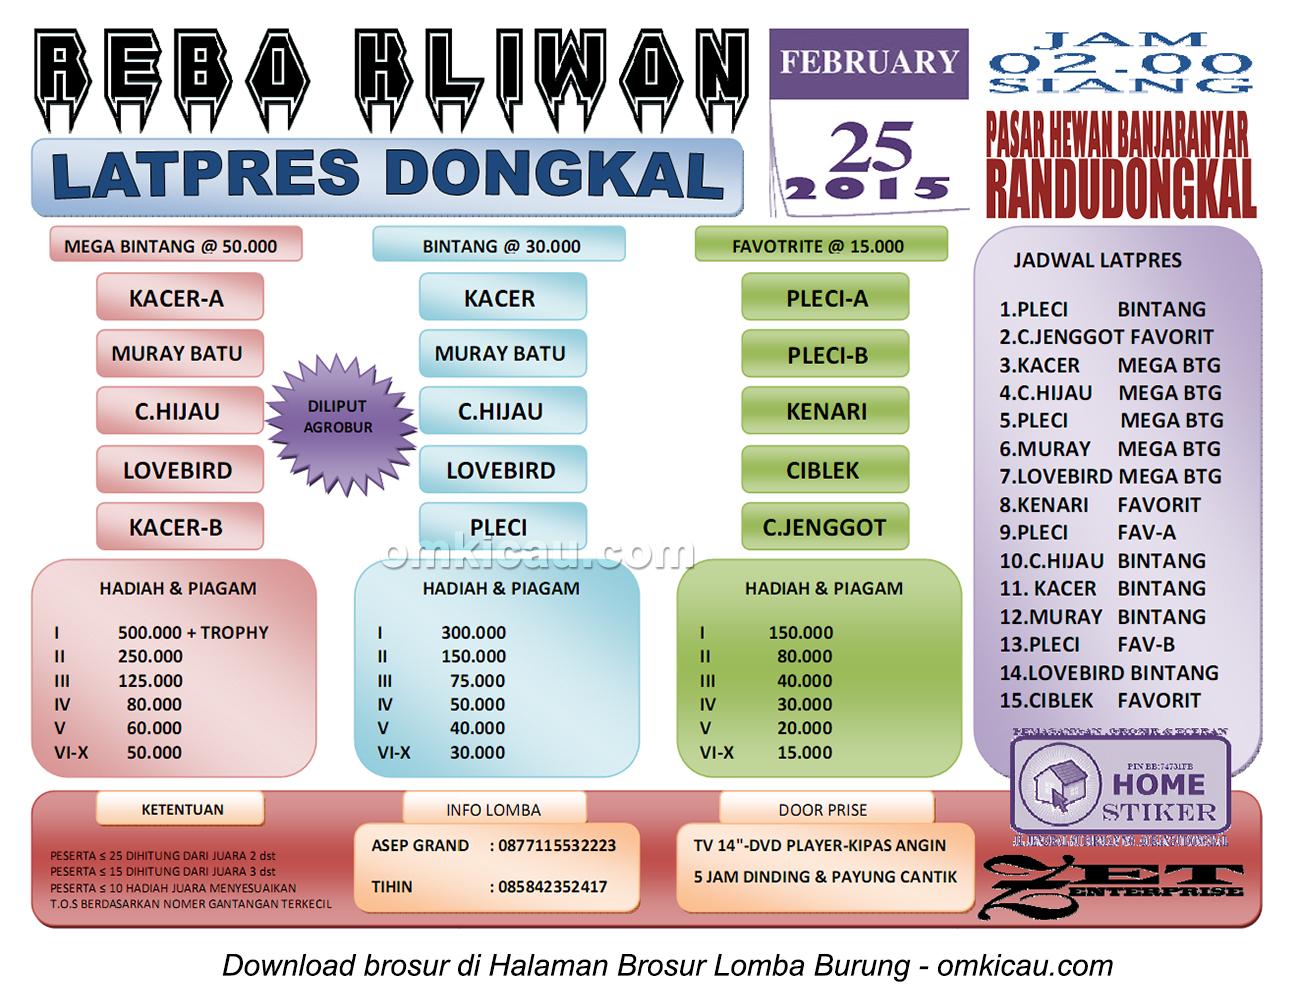 Brosur Latpres Rebo Kliwon Dongkal, Pemalang, 25 Februari 2015